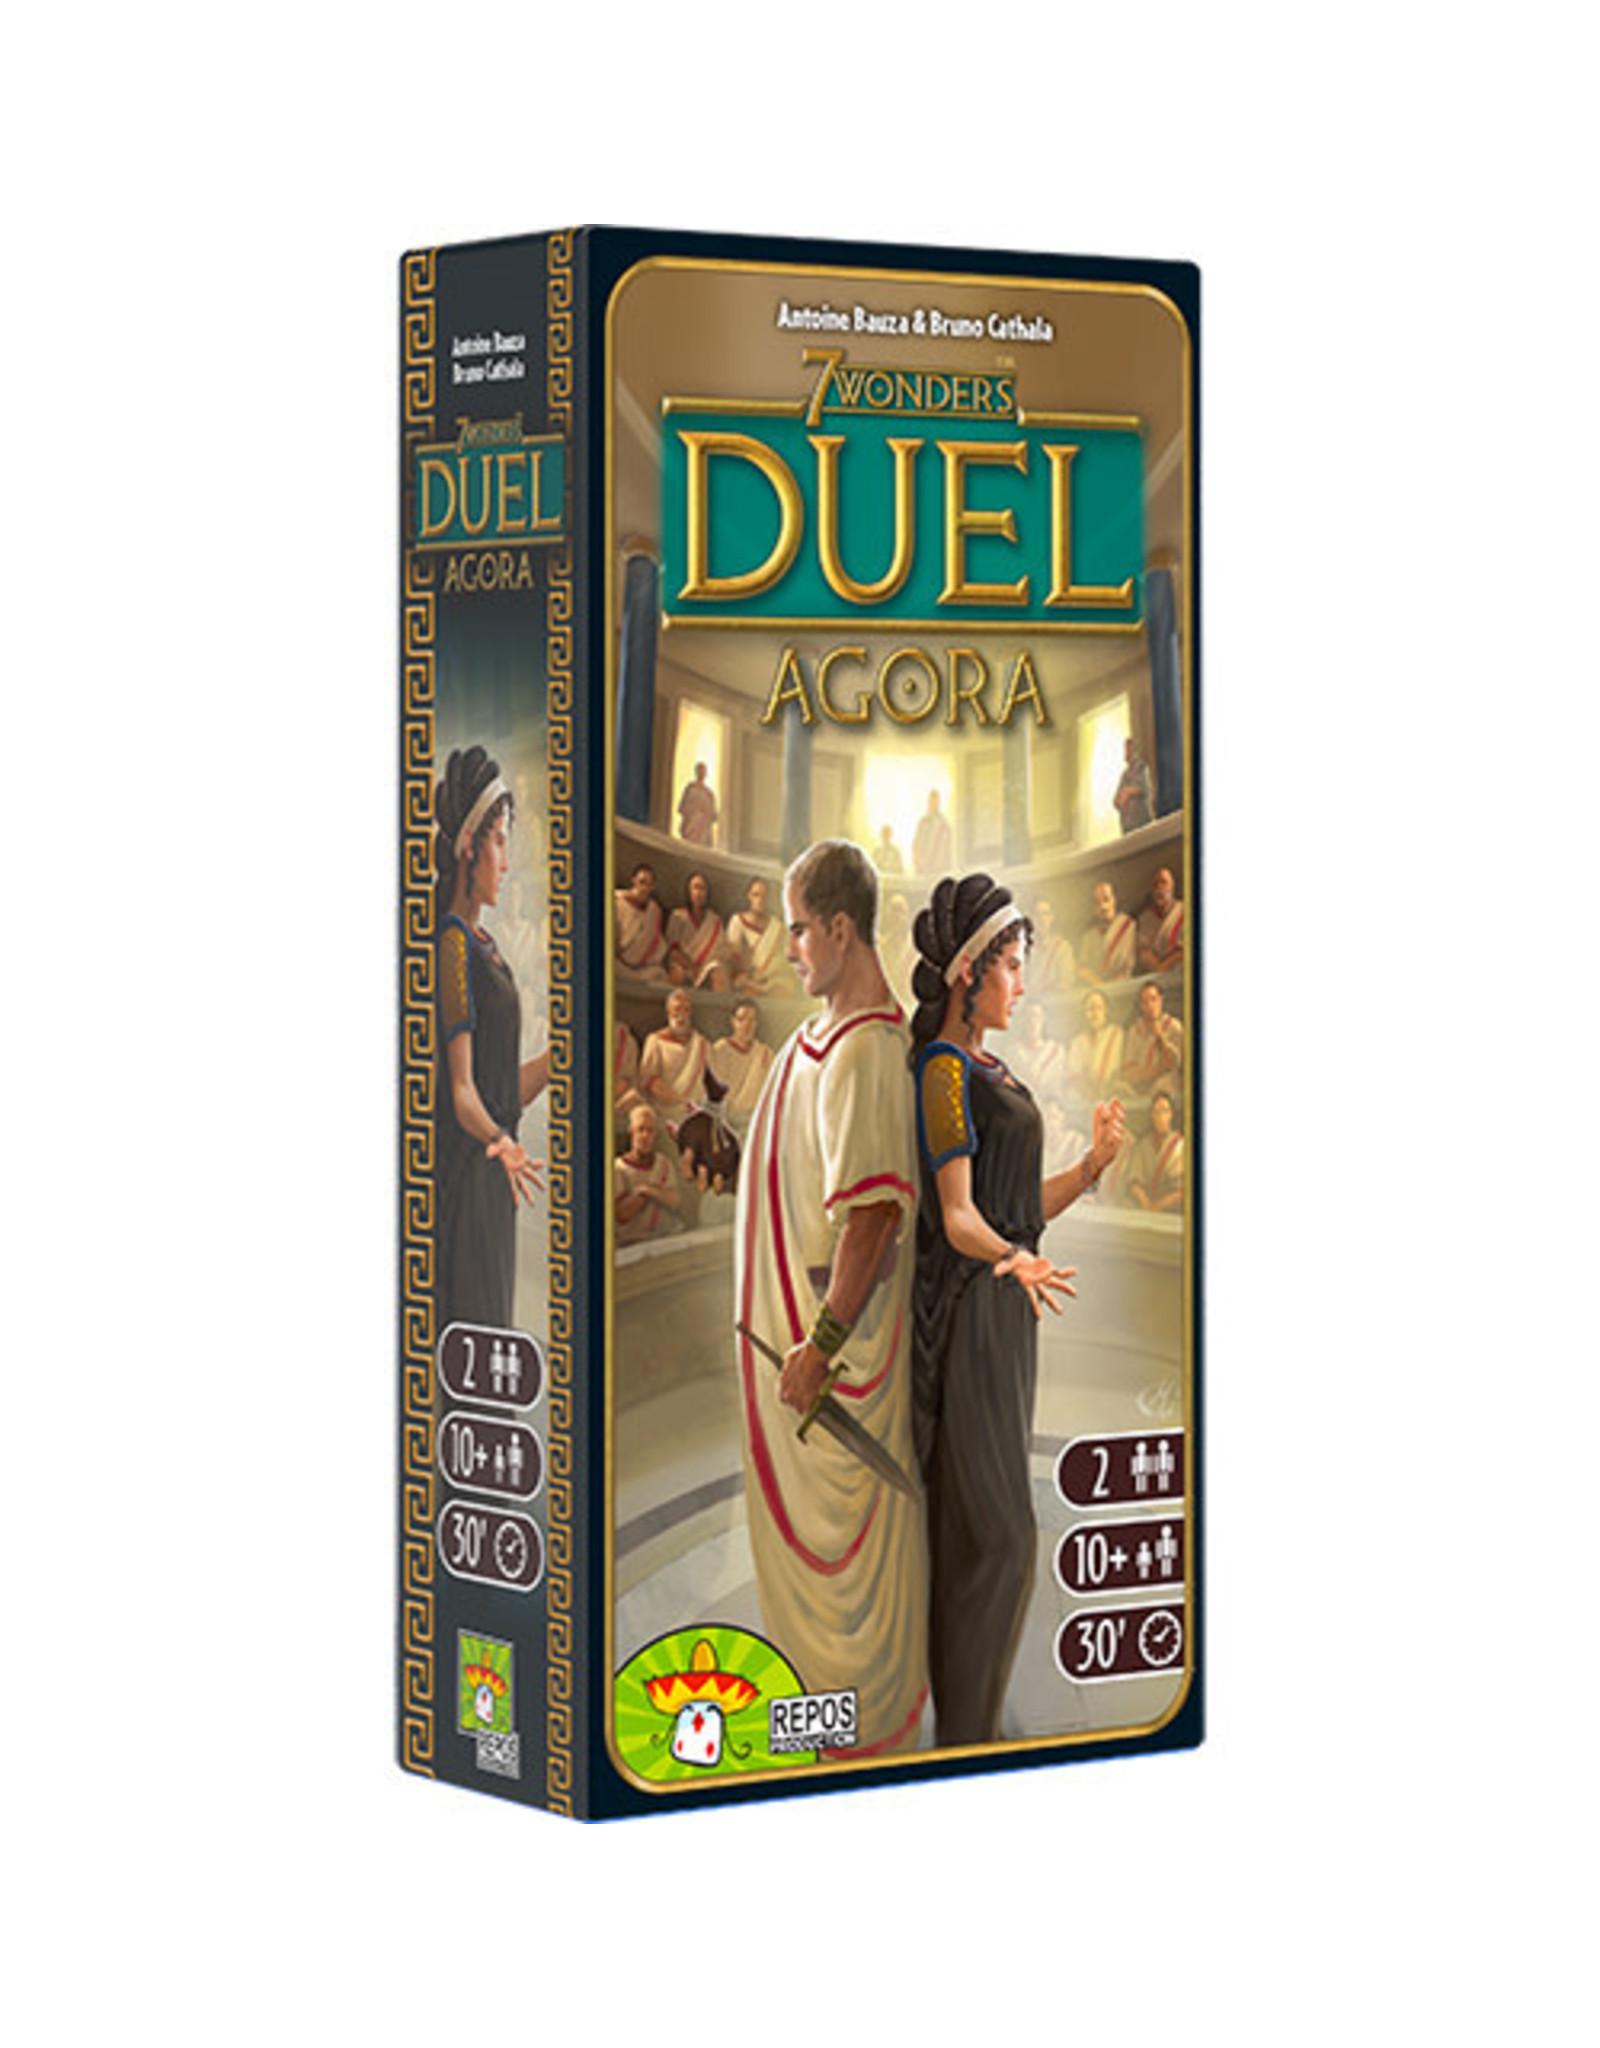 Repos 7 Wonders / Duel / Agora (Fr)